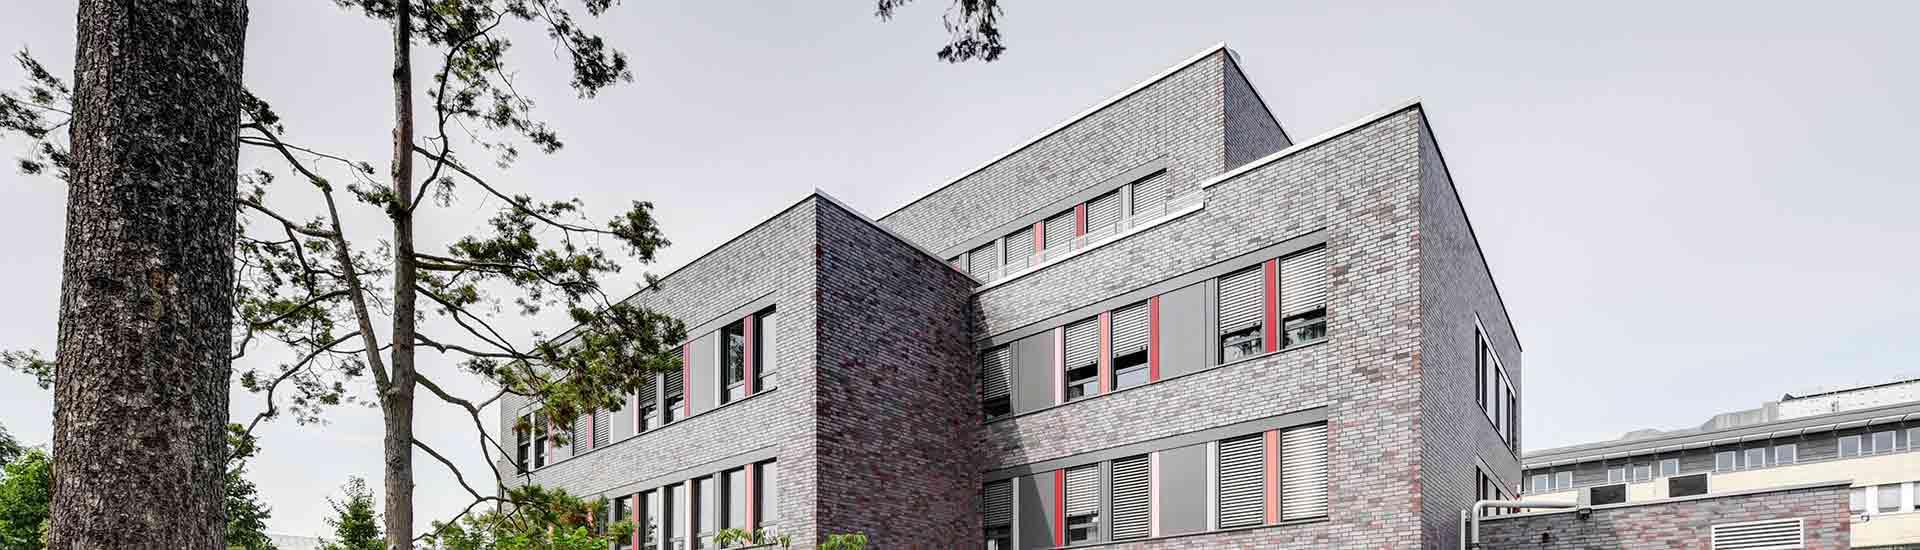 Orthopädische Klinik Köln Aachener Straße